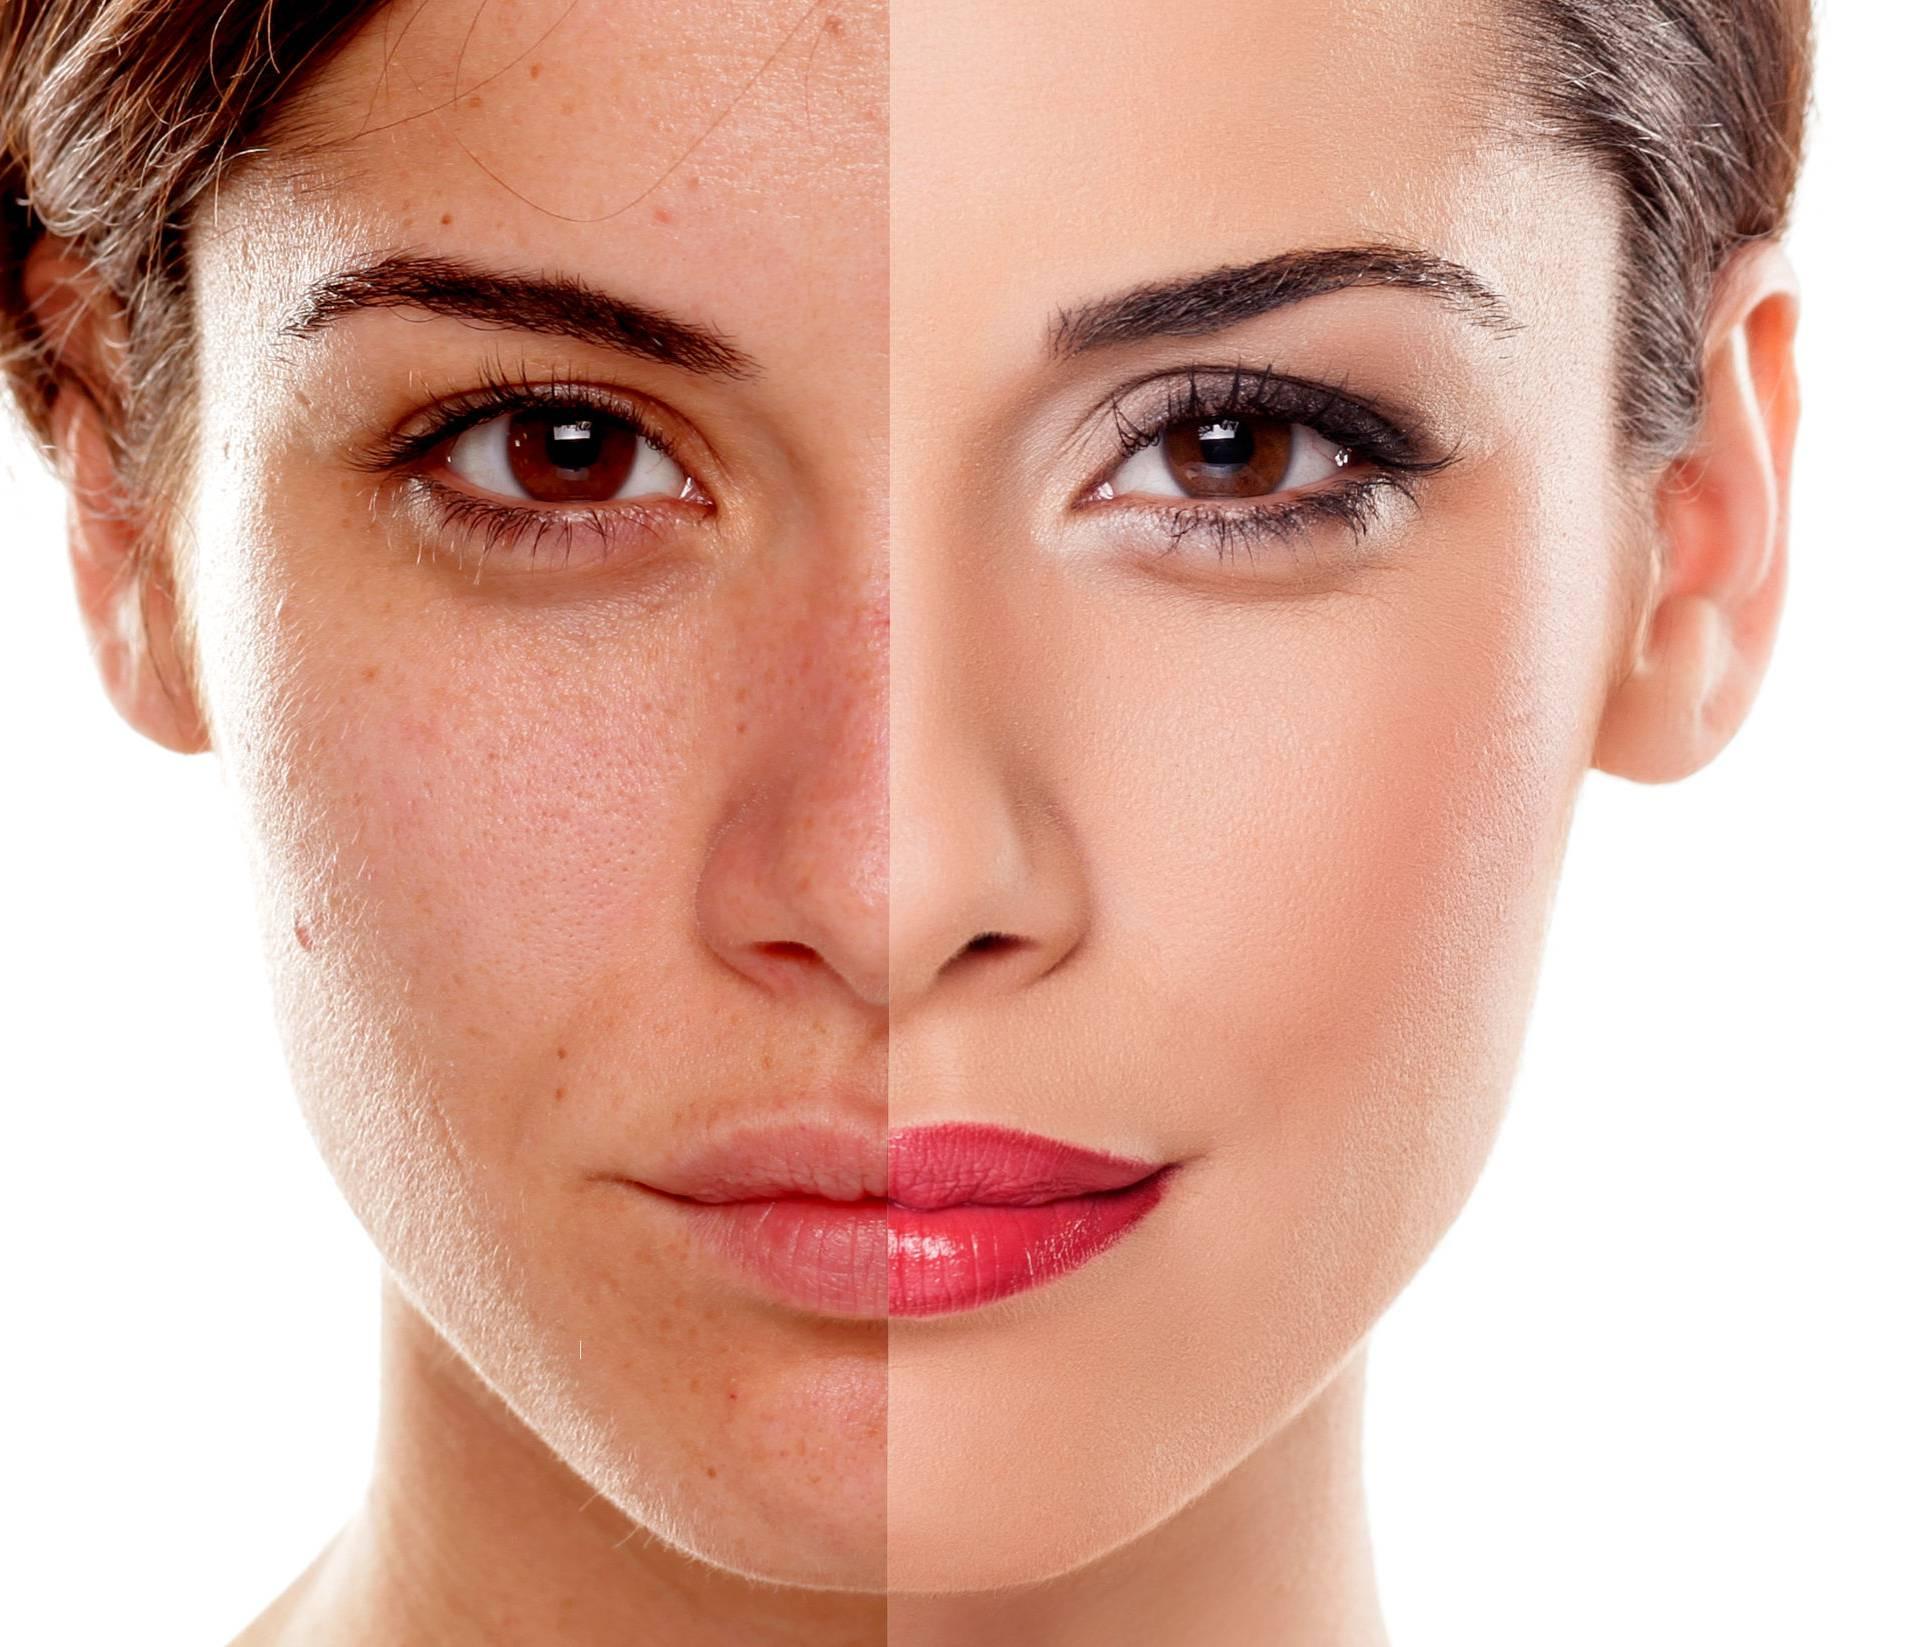 Spavate sa šminkom na licu? Riskirate infekcije očiju i kože!